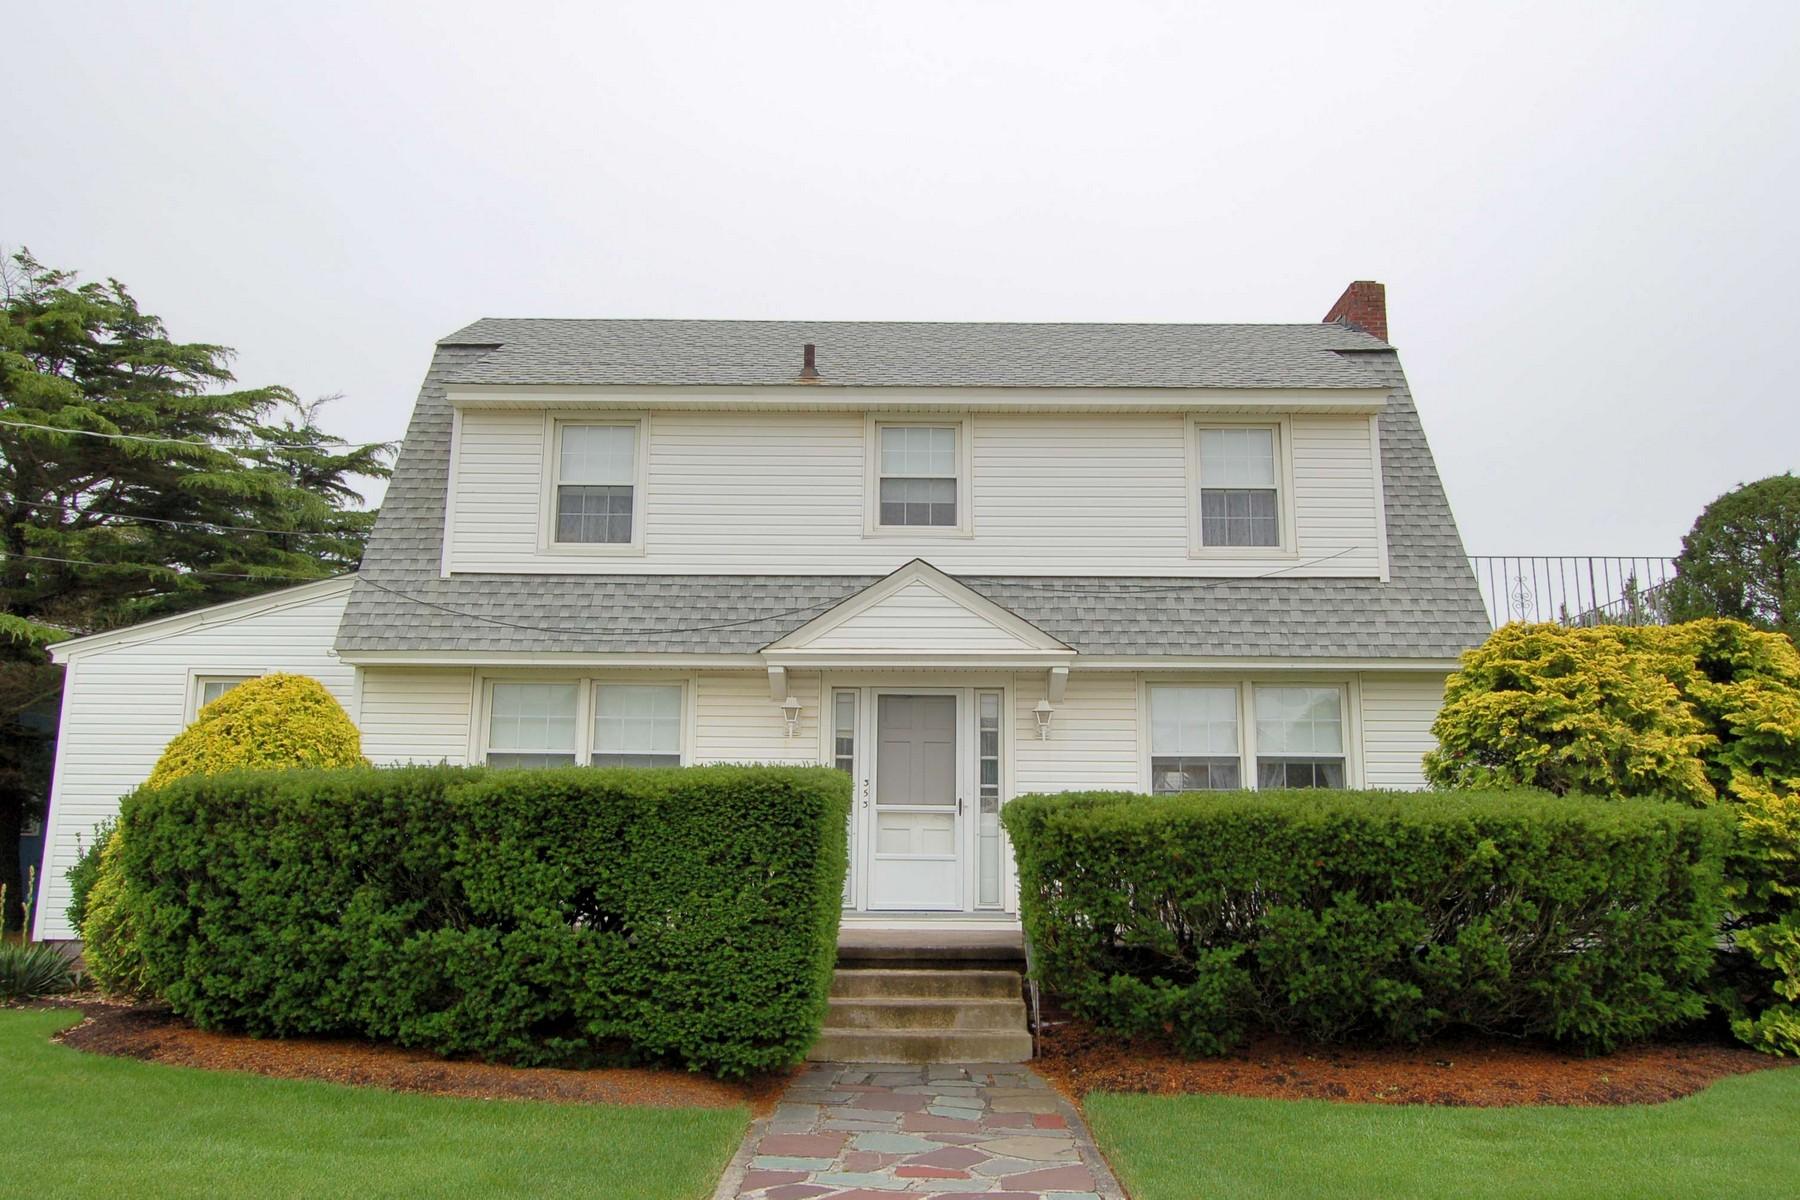 단독 가정 주택 용 매매 에 Classic Gardens Single Home 353 E. Surf Road Ocean City, 뉴저지 08226 미국